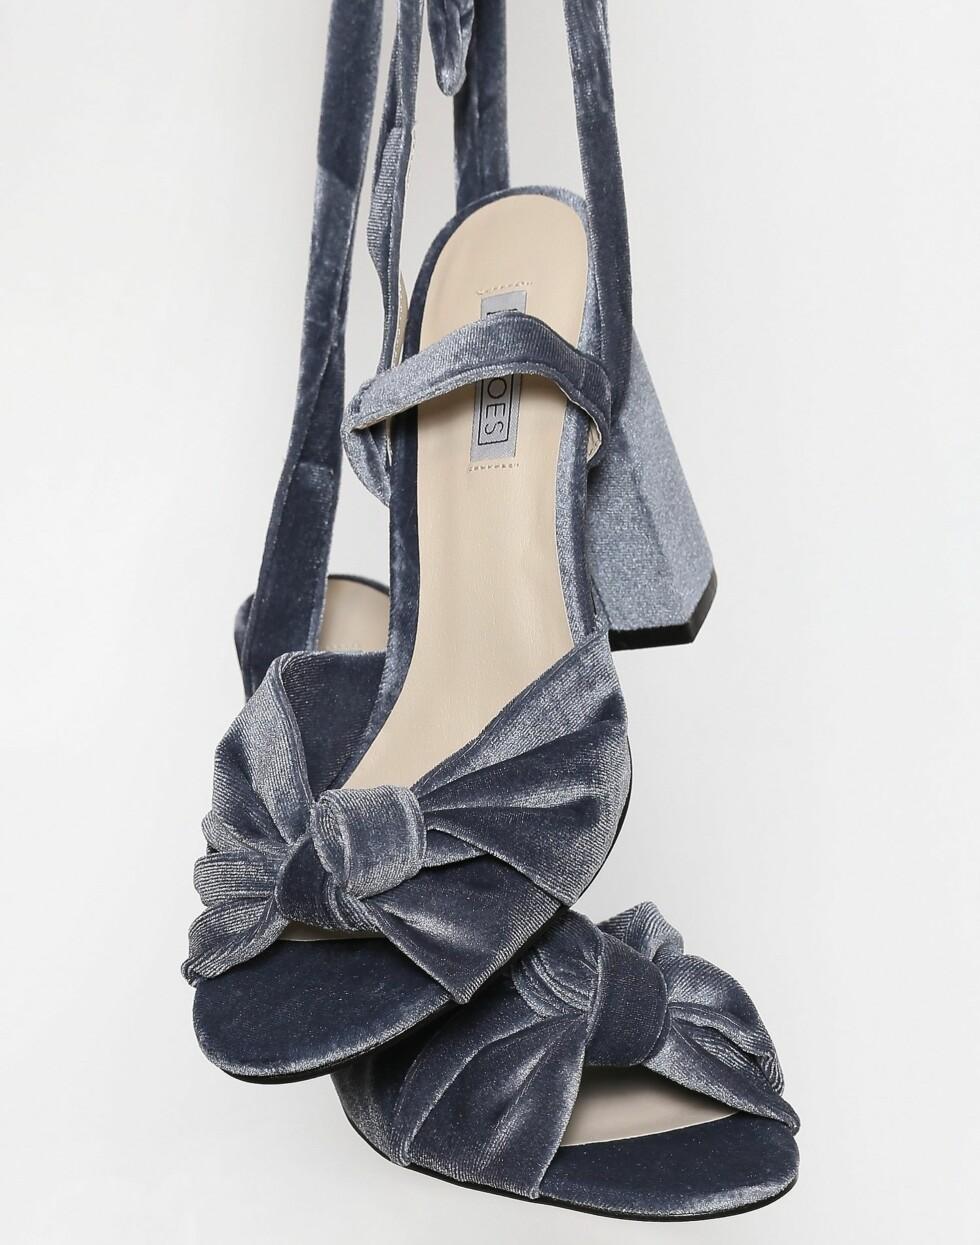 Sko fra Nelly  399,-  https://nelly.com/no/kl%C3%A6r-til-kvinner/sko/heels/nly-shoes-427/velvet-lace-heel-sandal-421176-0086/